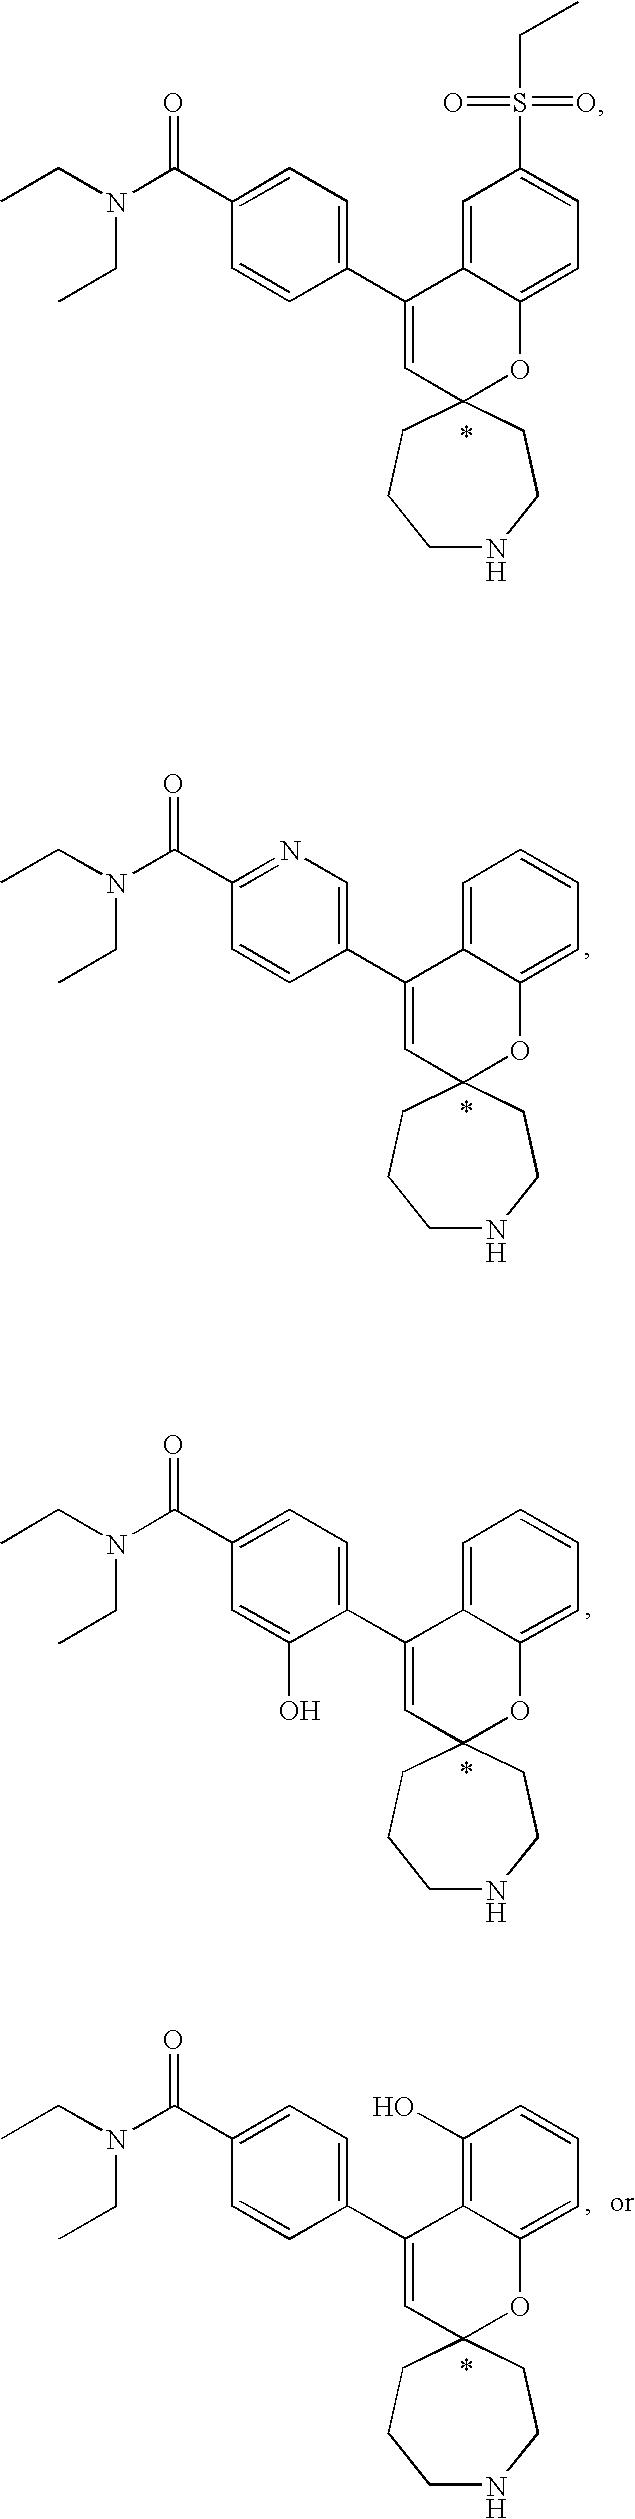 Figure US07598261-20091006-C00043